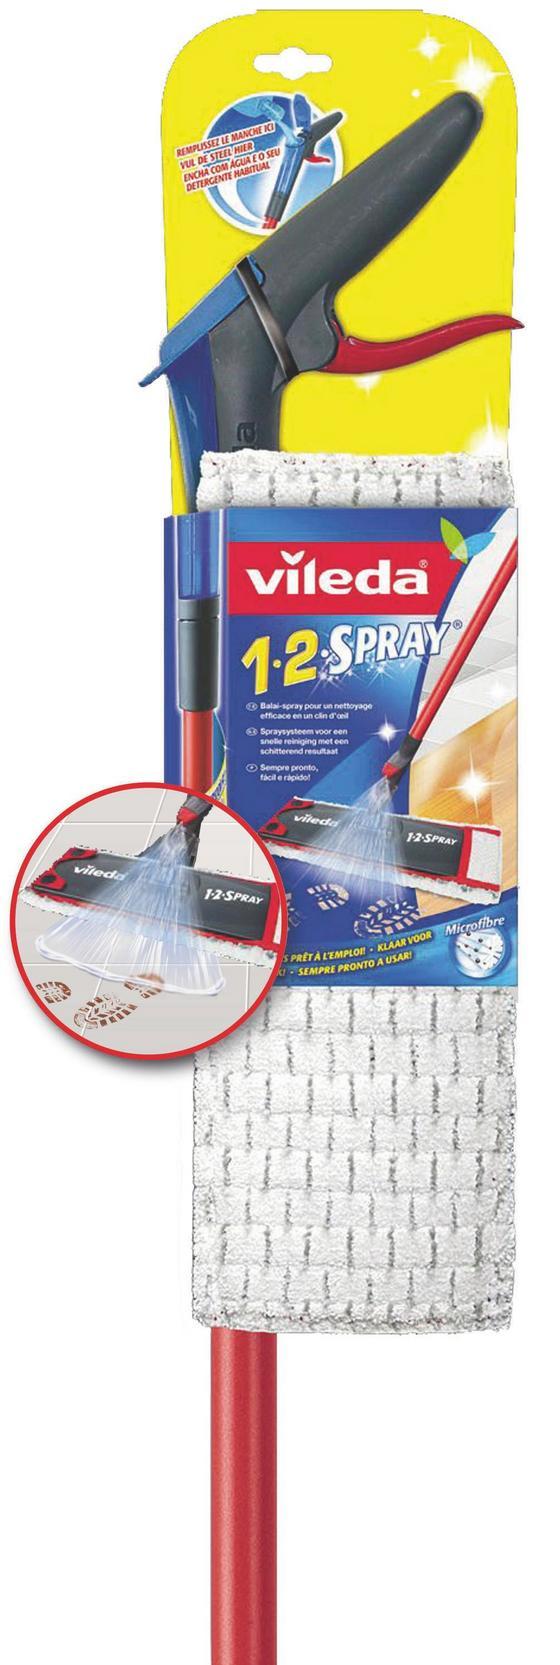 Reinigungsset Vileda 1-2 Spray&wisch - Rot/Schwarz, KONVENTIONELL, Kunststoff/Metall (17/128/9cm)